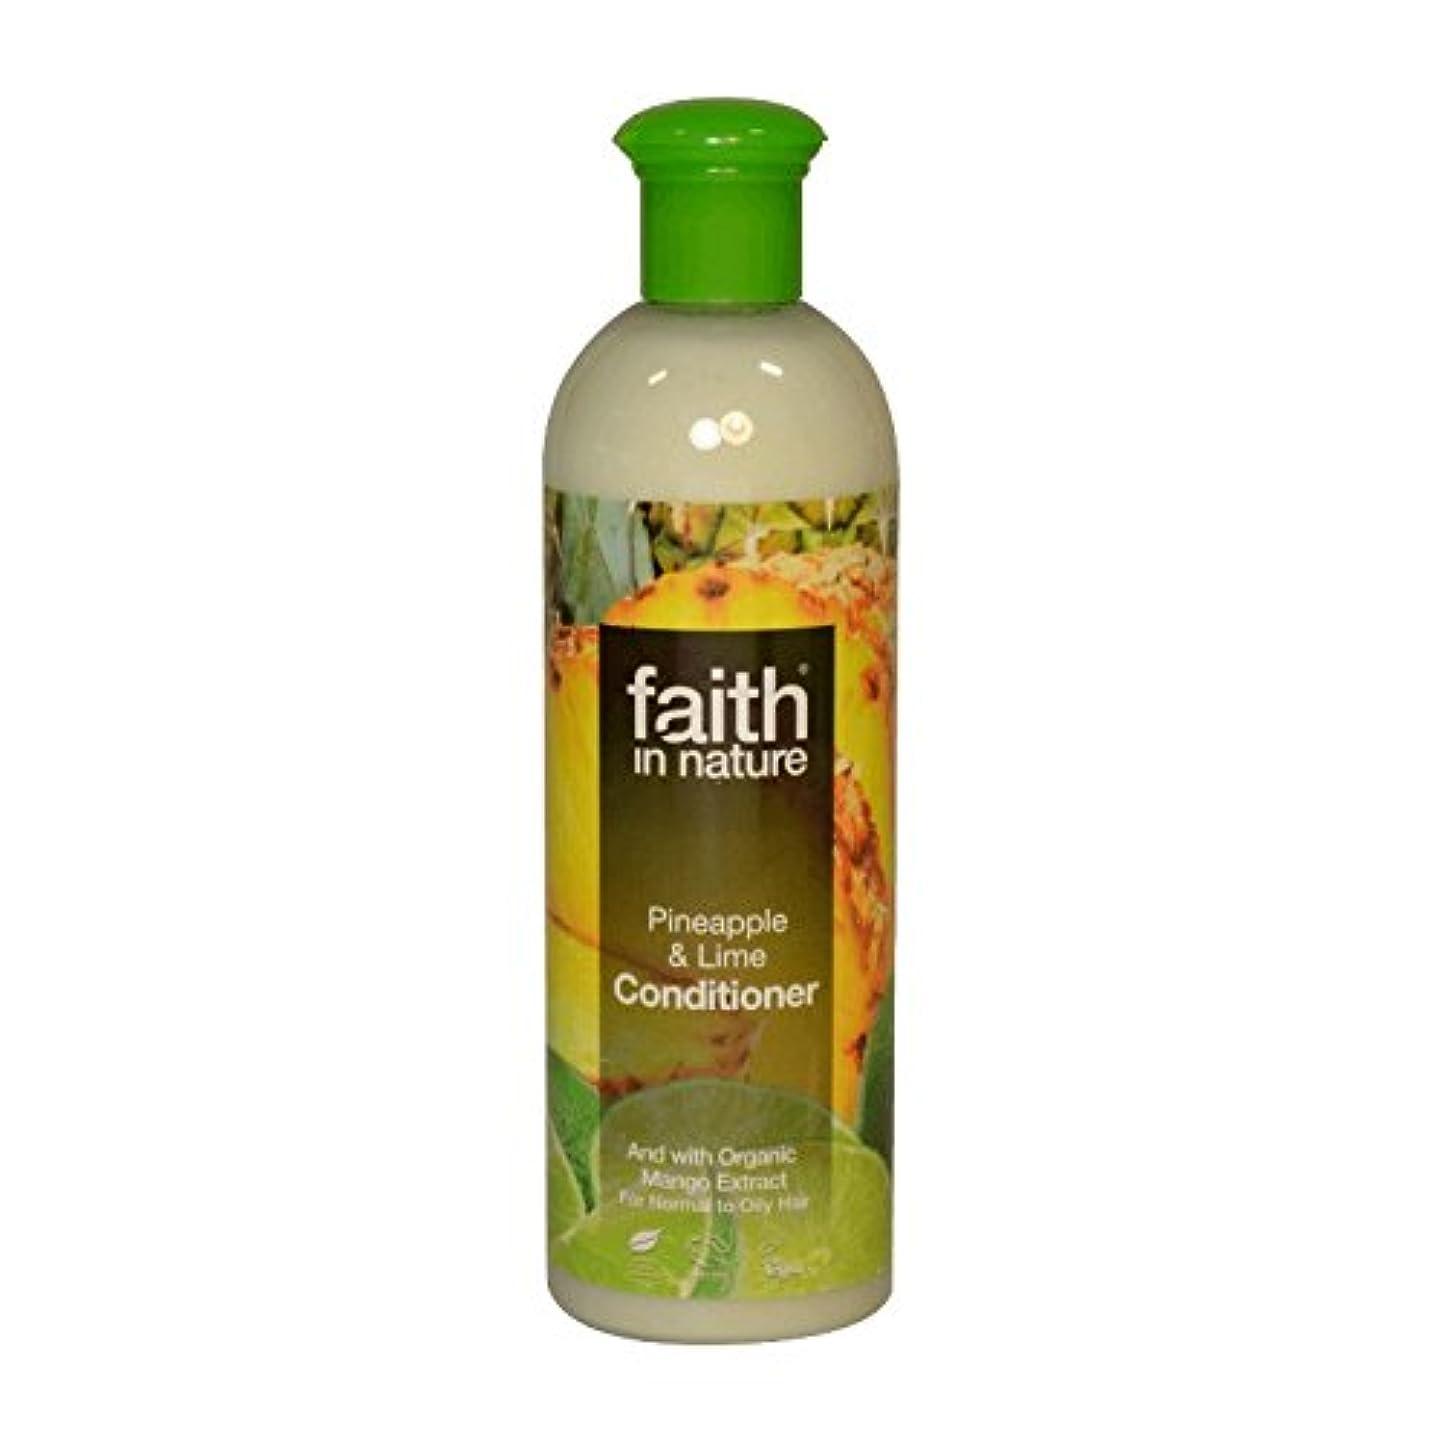 リマターゲット人自然パイナップル&ライムコンディショナー400ミリリットルの信仰 - Faith in Nature Pineapple & Lime Conditioner 400ml (Faith in Nature) [並行輸入品]